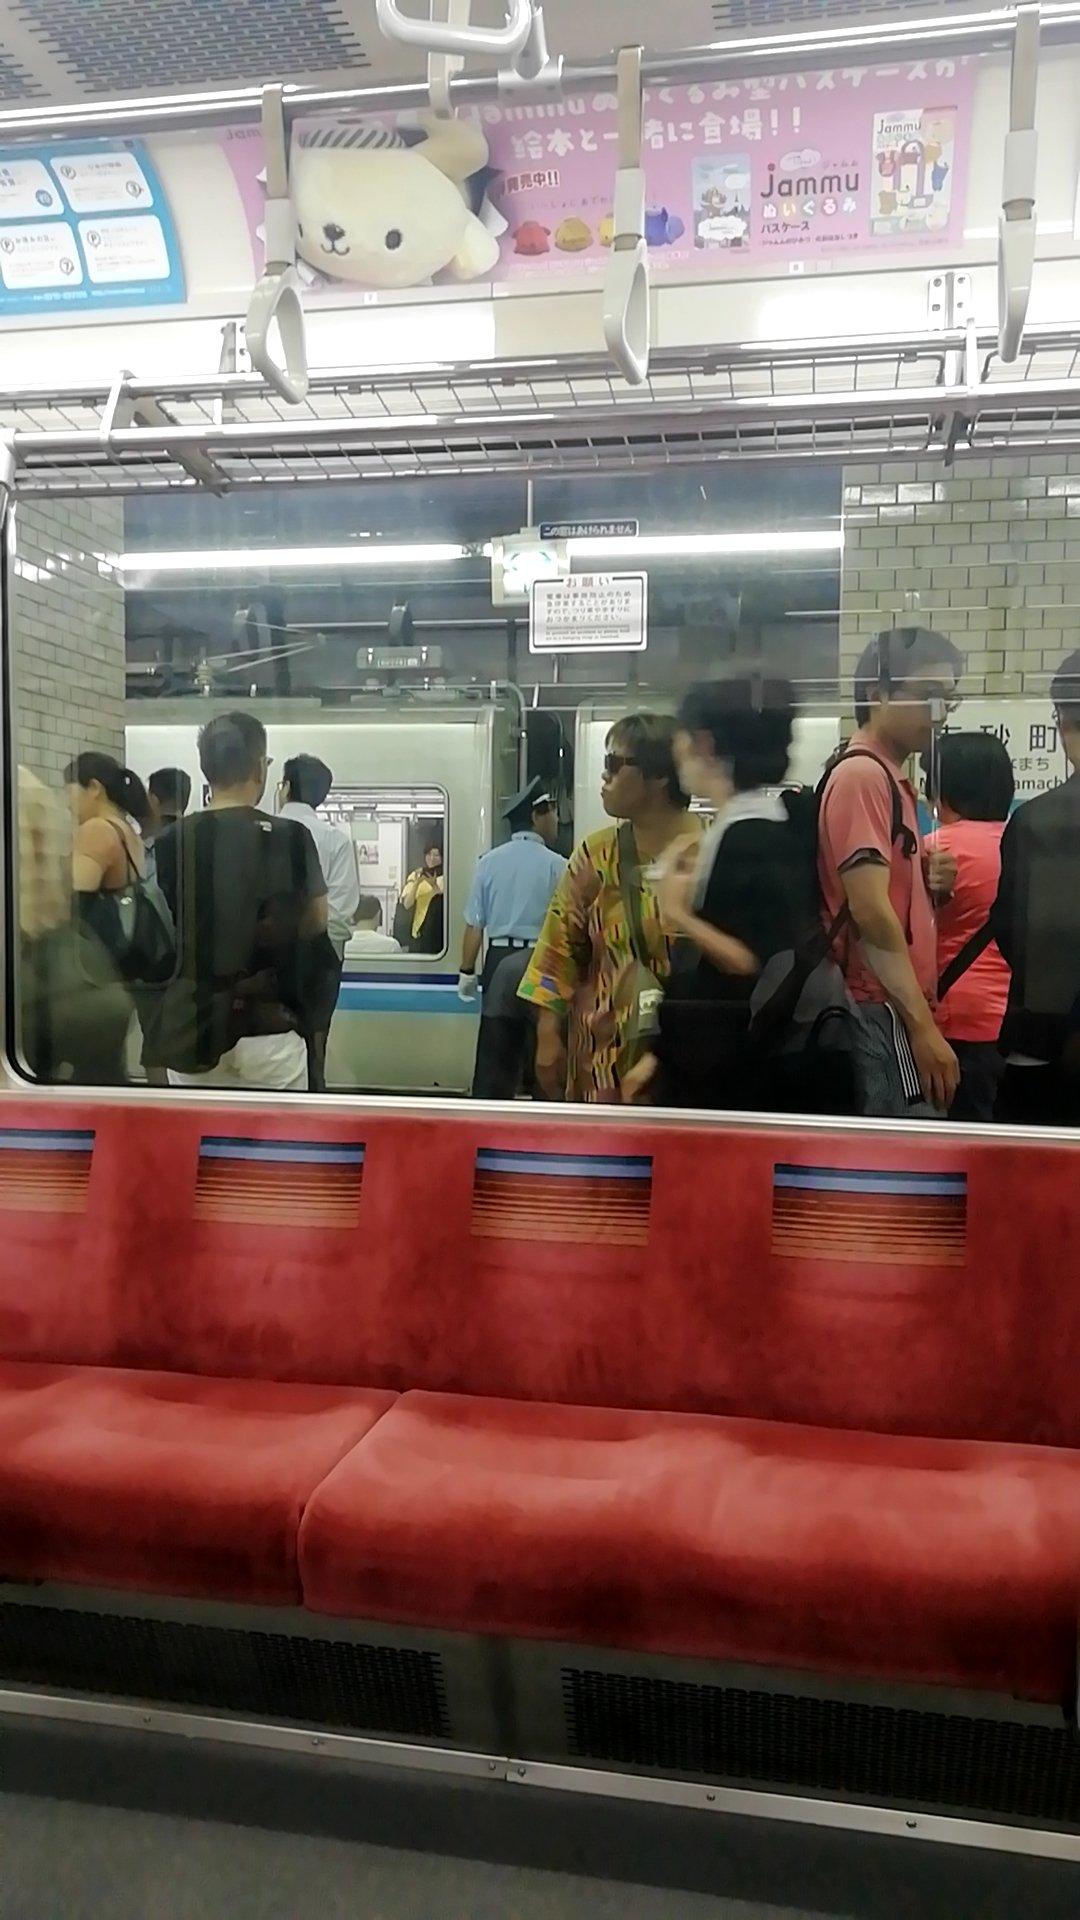 東西線の南砂町駅で人身事故が起きた現場の画像